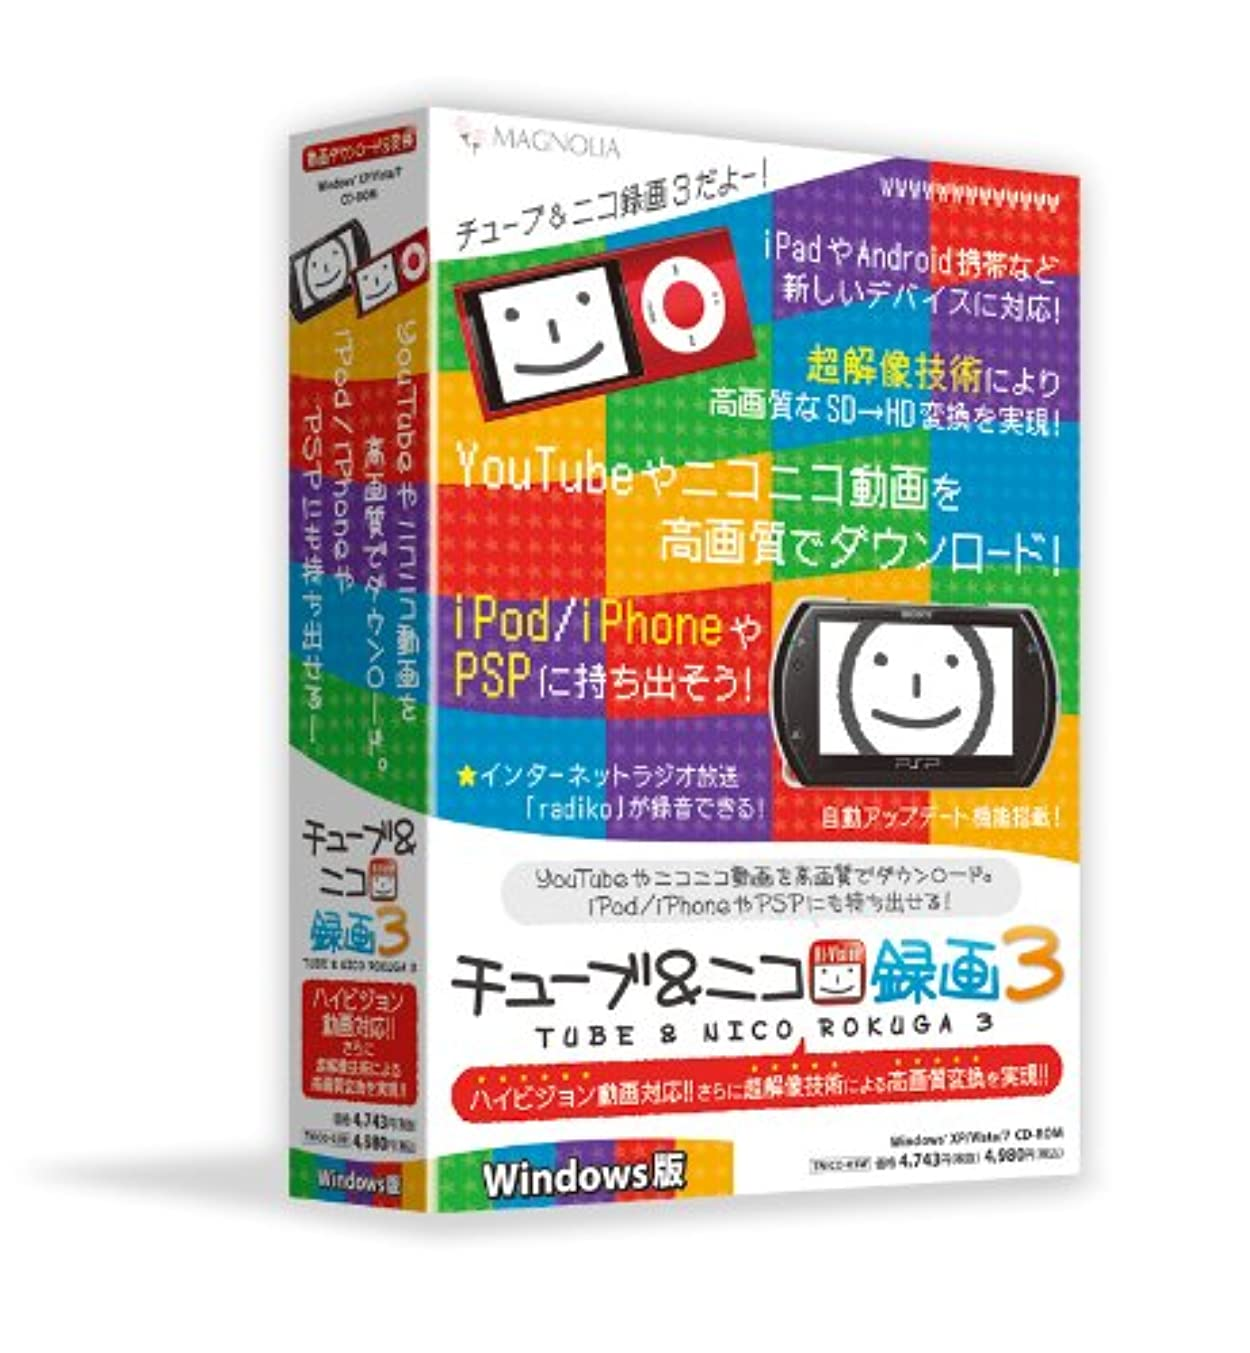 専門機関受けるマグノリア チューブ&ニコ録画3 Windows版